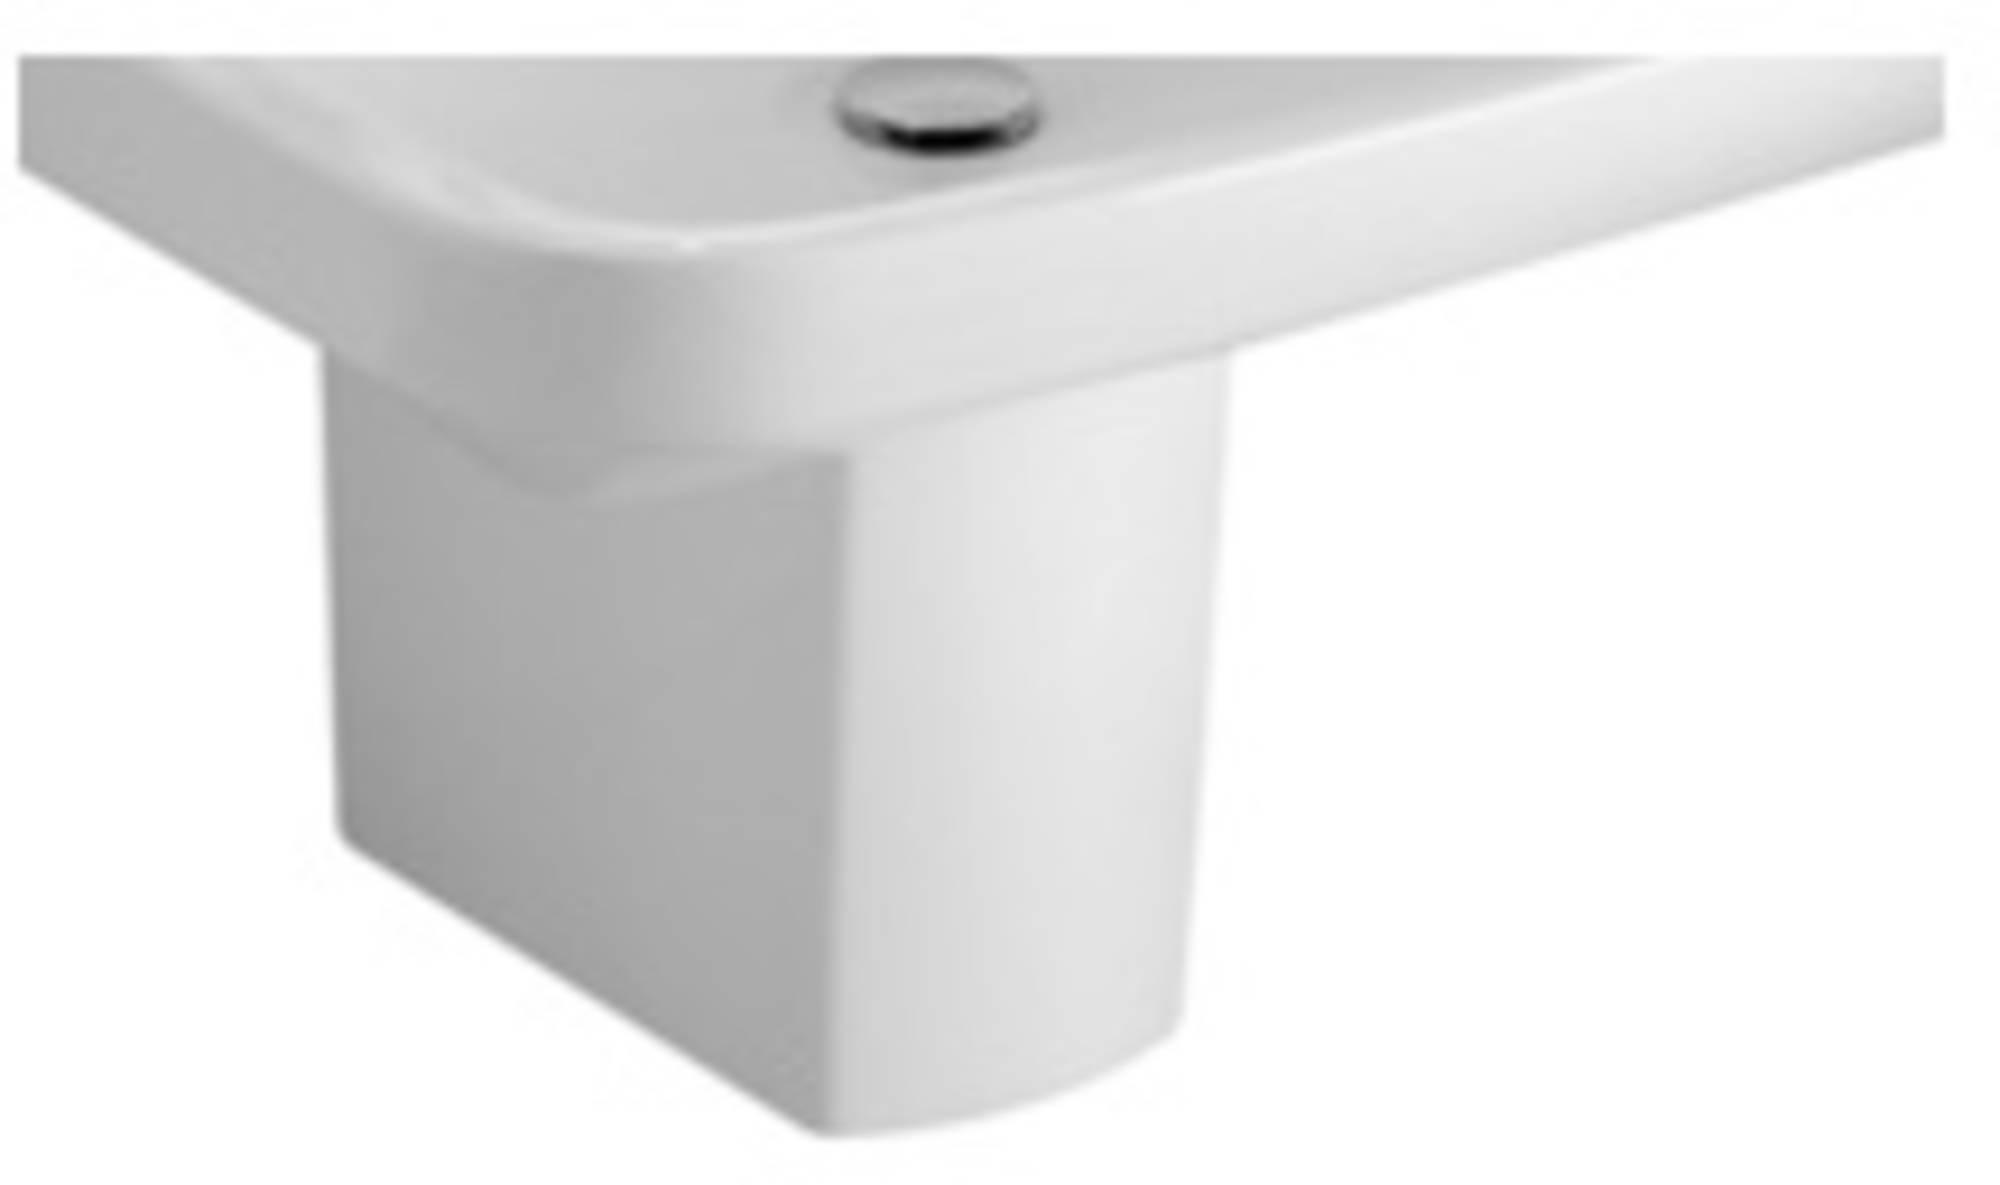 VILLEROY & BOCH SUBWAY 2.0 sifonkap voor wastafel WIT (52440001)